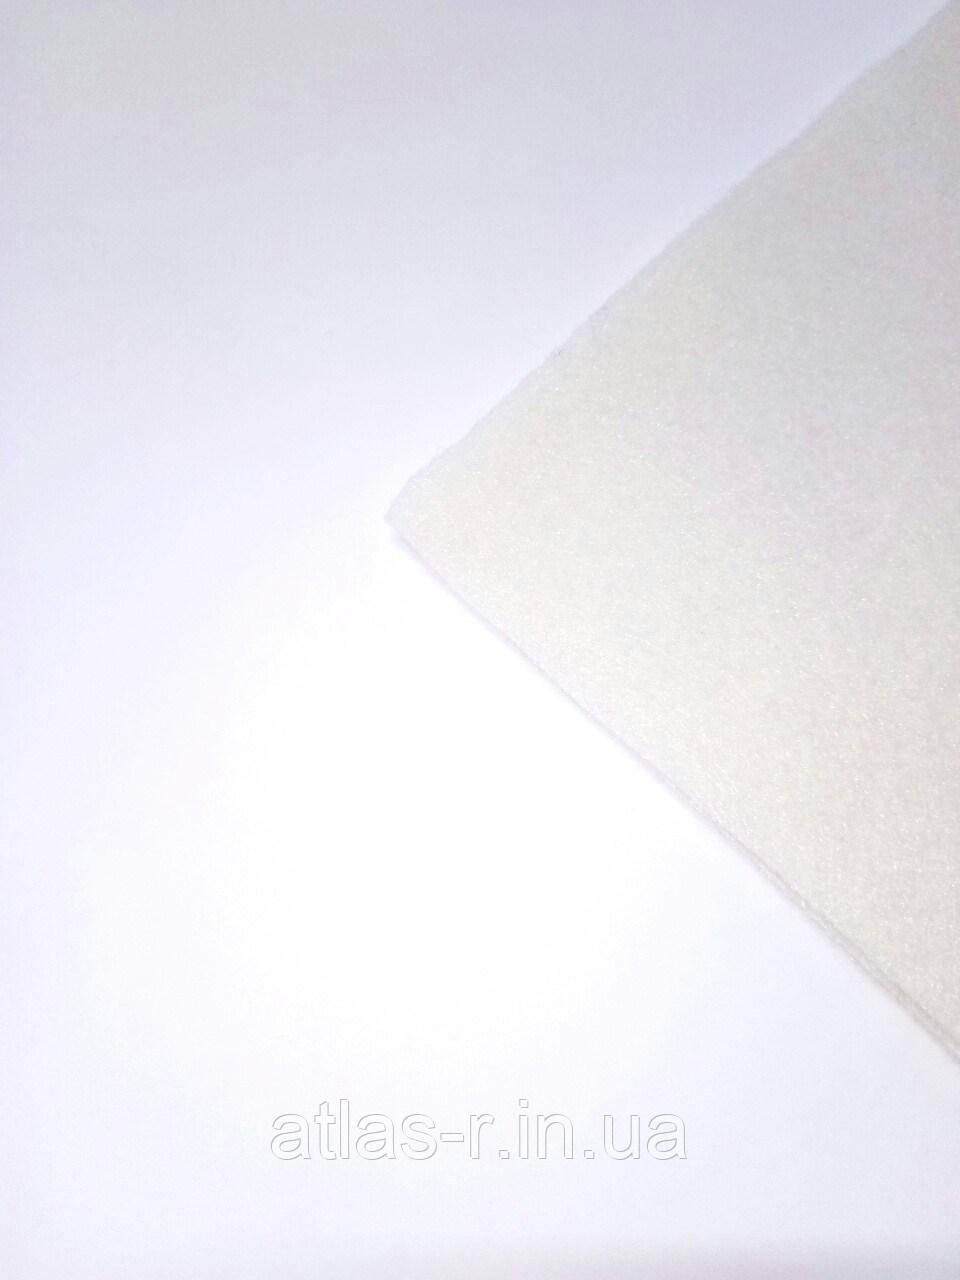 М'який фетр для рукоділля айворі листової 1,3 мм